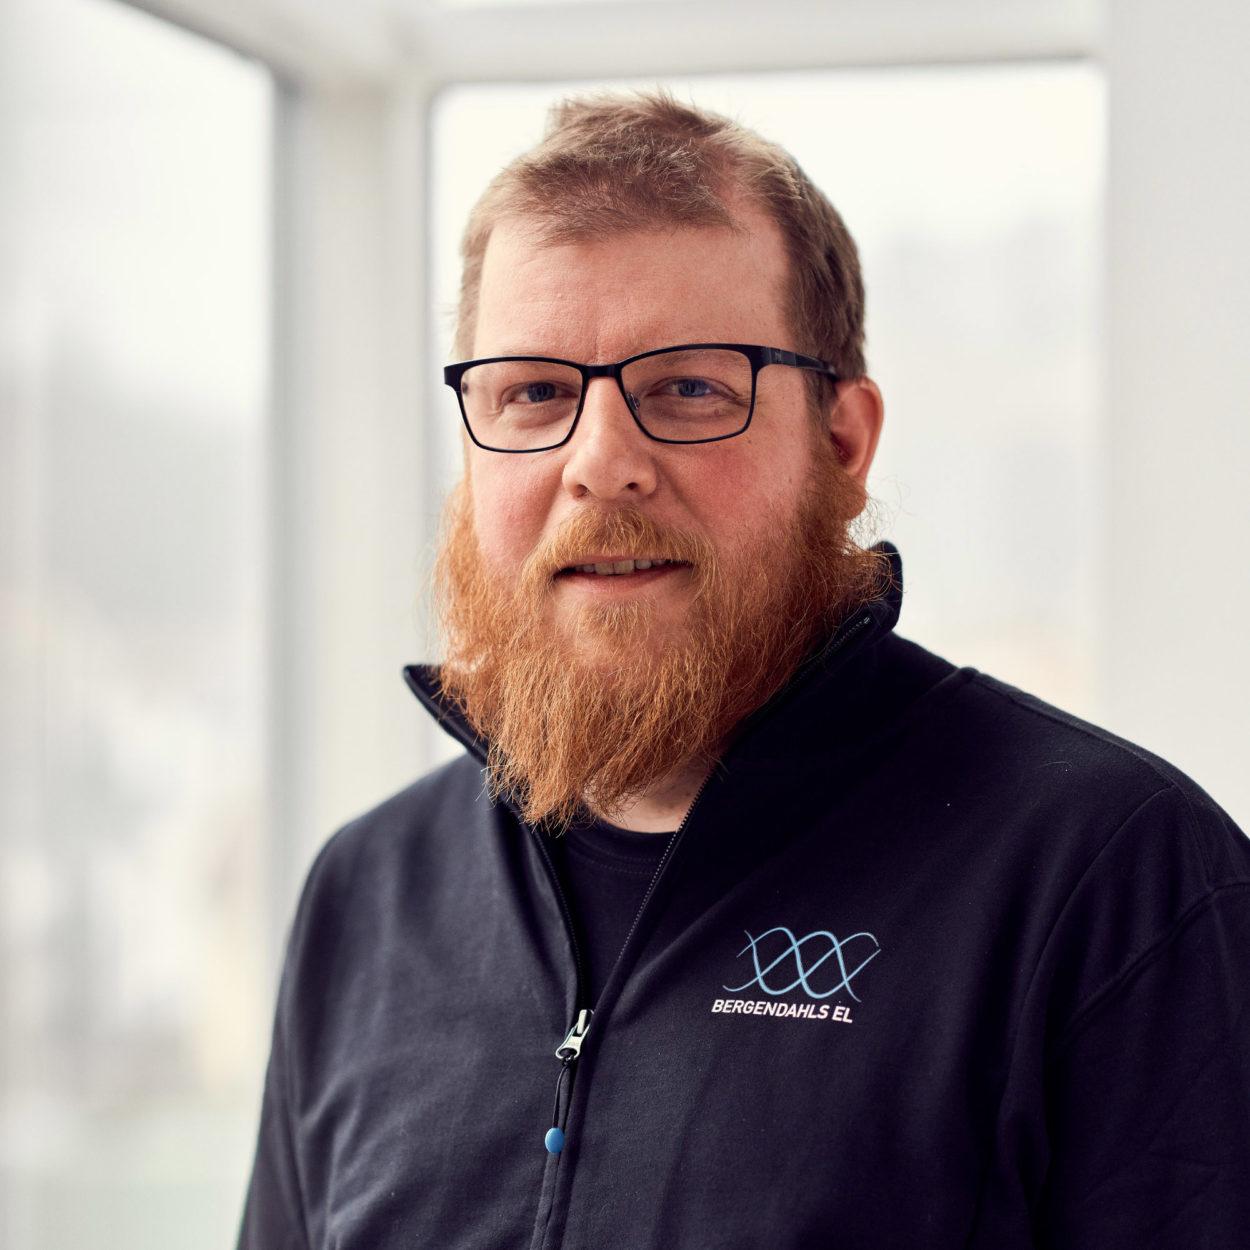 Bergendahls el Mikael Larsson